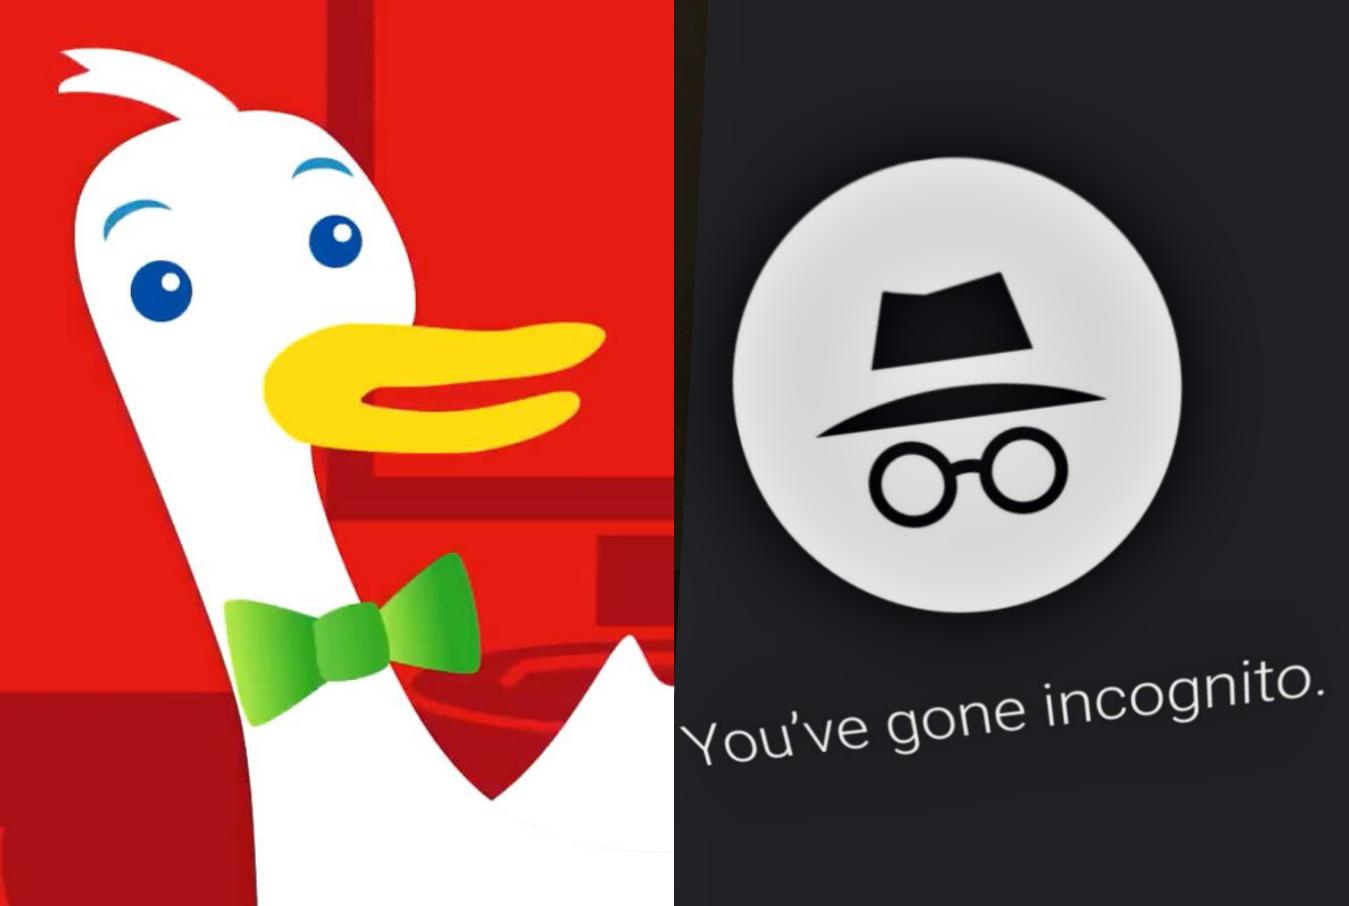 Duckduckgo-study-google-incognito-searches-not-private-5